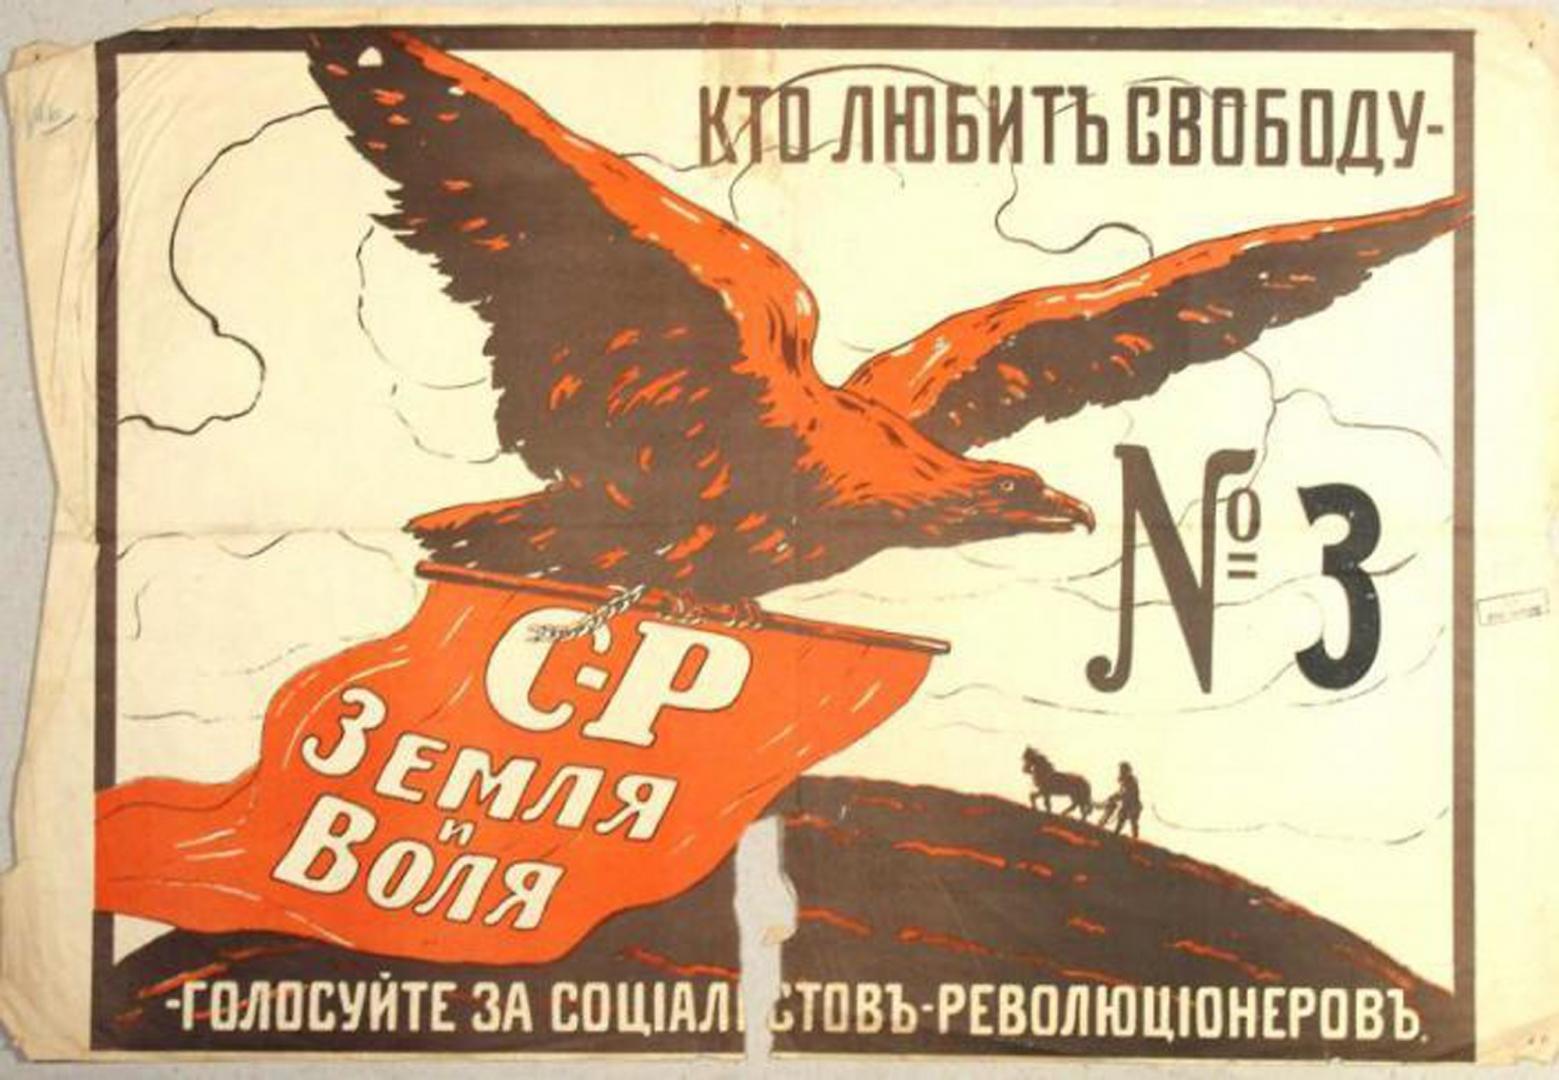 Черный – земля, красный – рабоче-крестьянский класс, белый – воля. Агитационный плакат социалистов-революционеров.